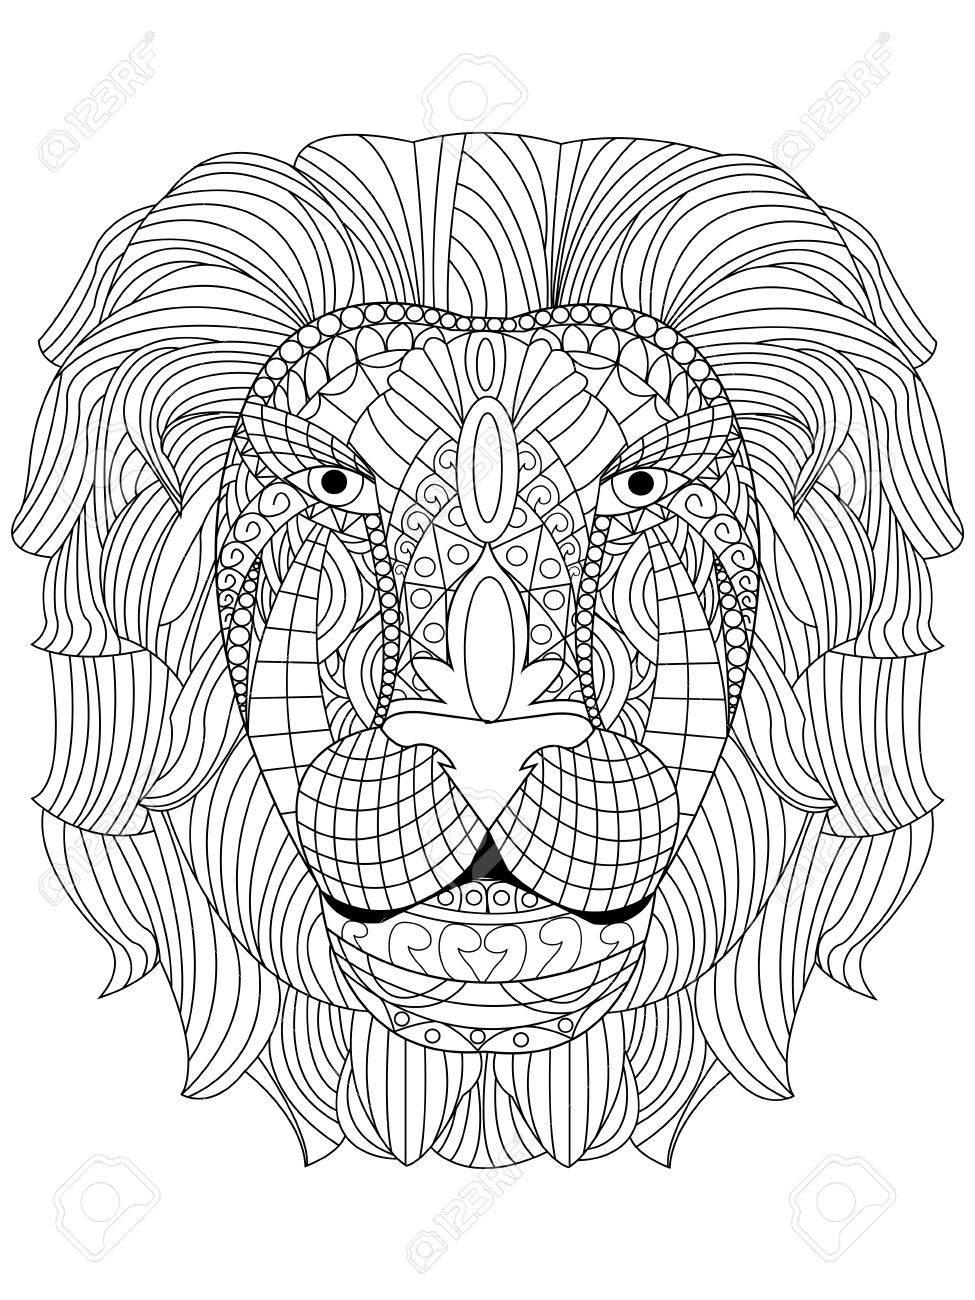 Tête De Lion Livre De Coloriage Pour Les Adultes Illustration